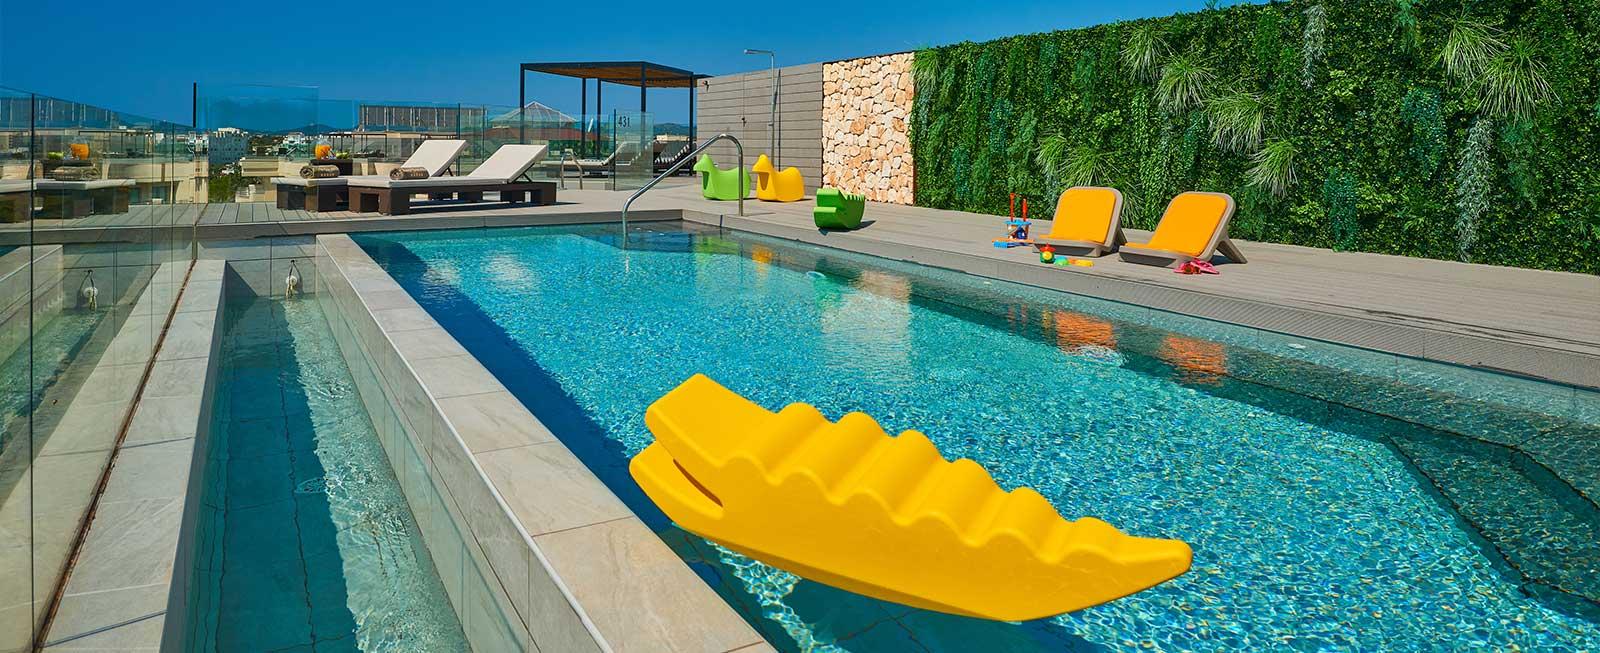 Mallorca Protur Biomar Gran Hotel Spa